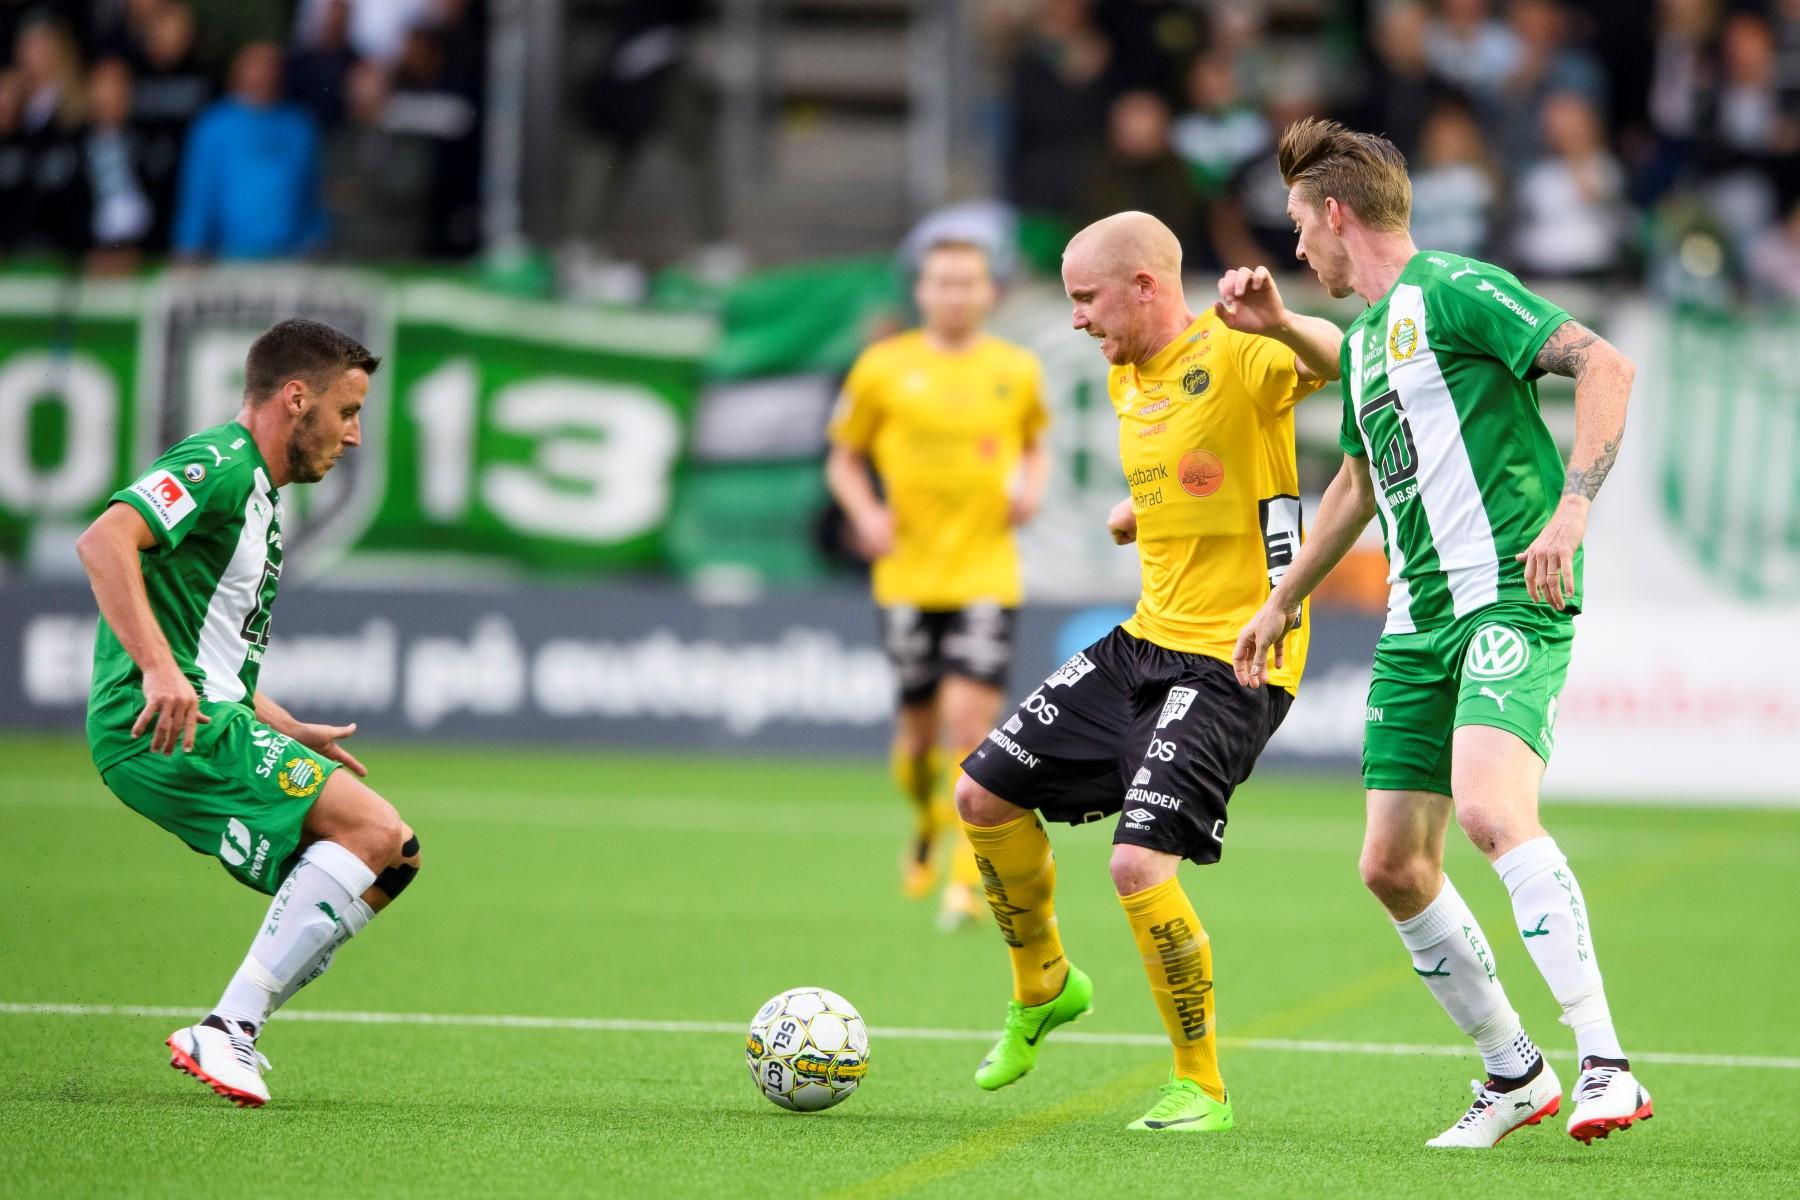 Fotboll, Allsvenskan, Elfsborg - Hammarby